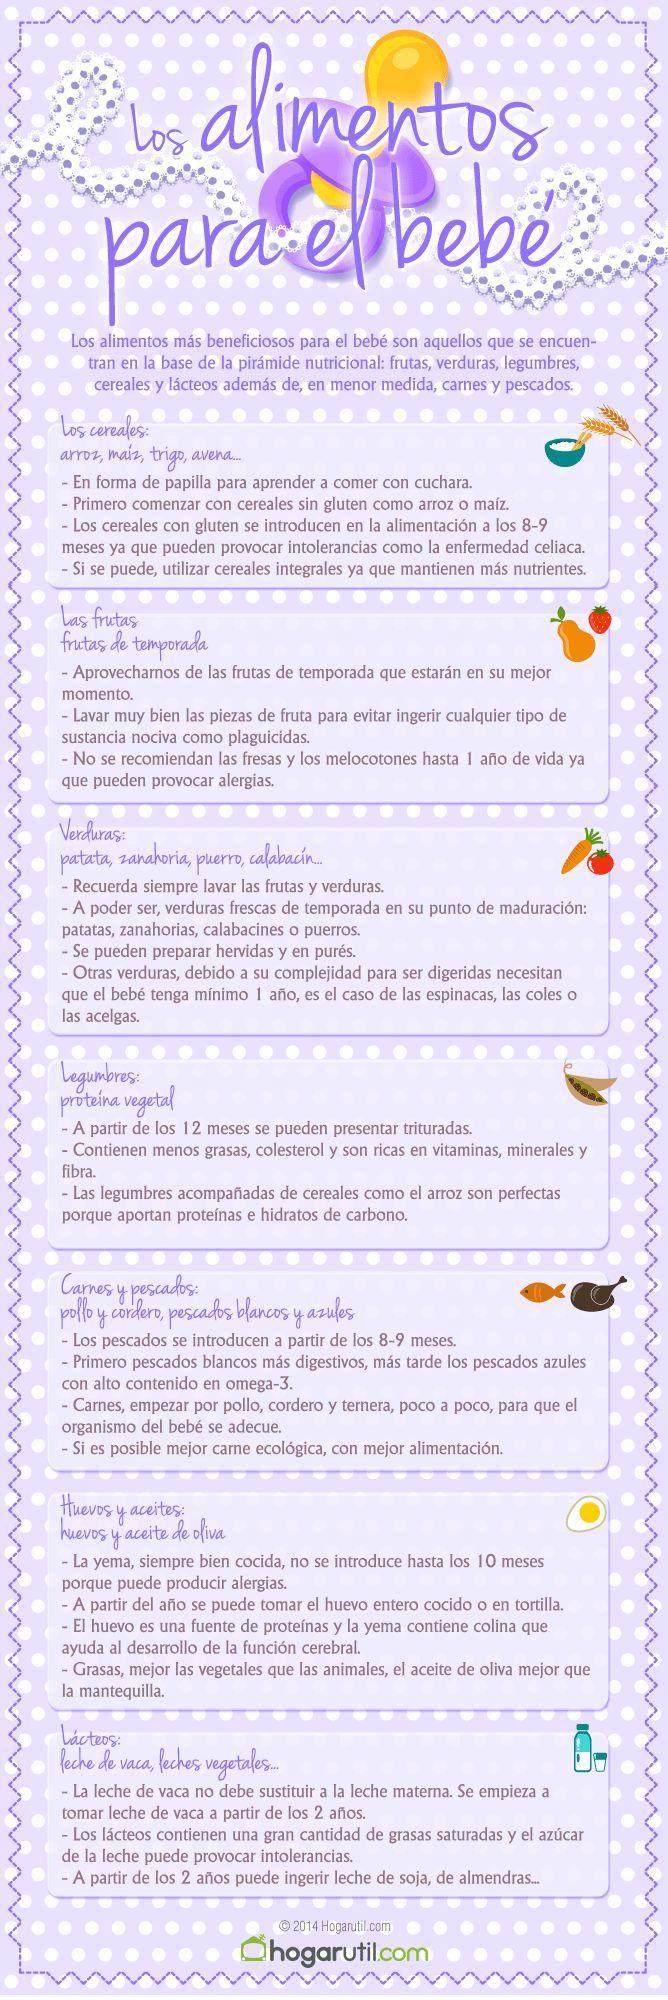 Los alimentos imprescindibles para nuestros bebés! #bebés #consejos #alimentación